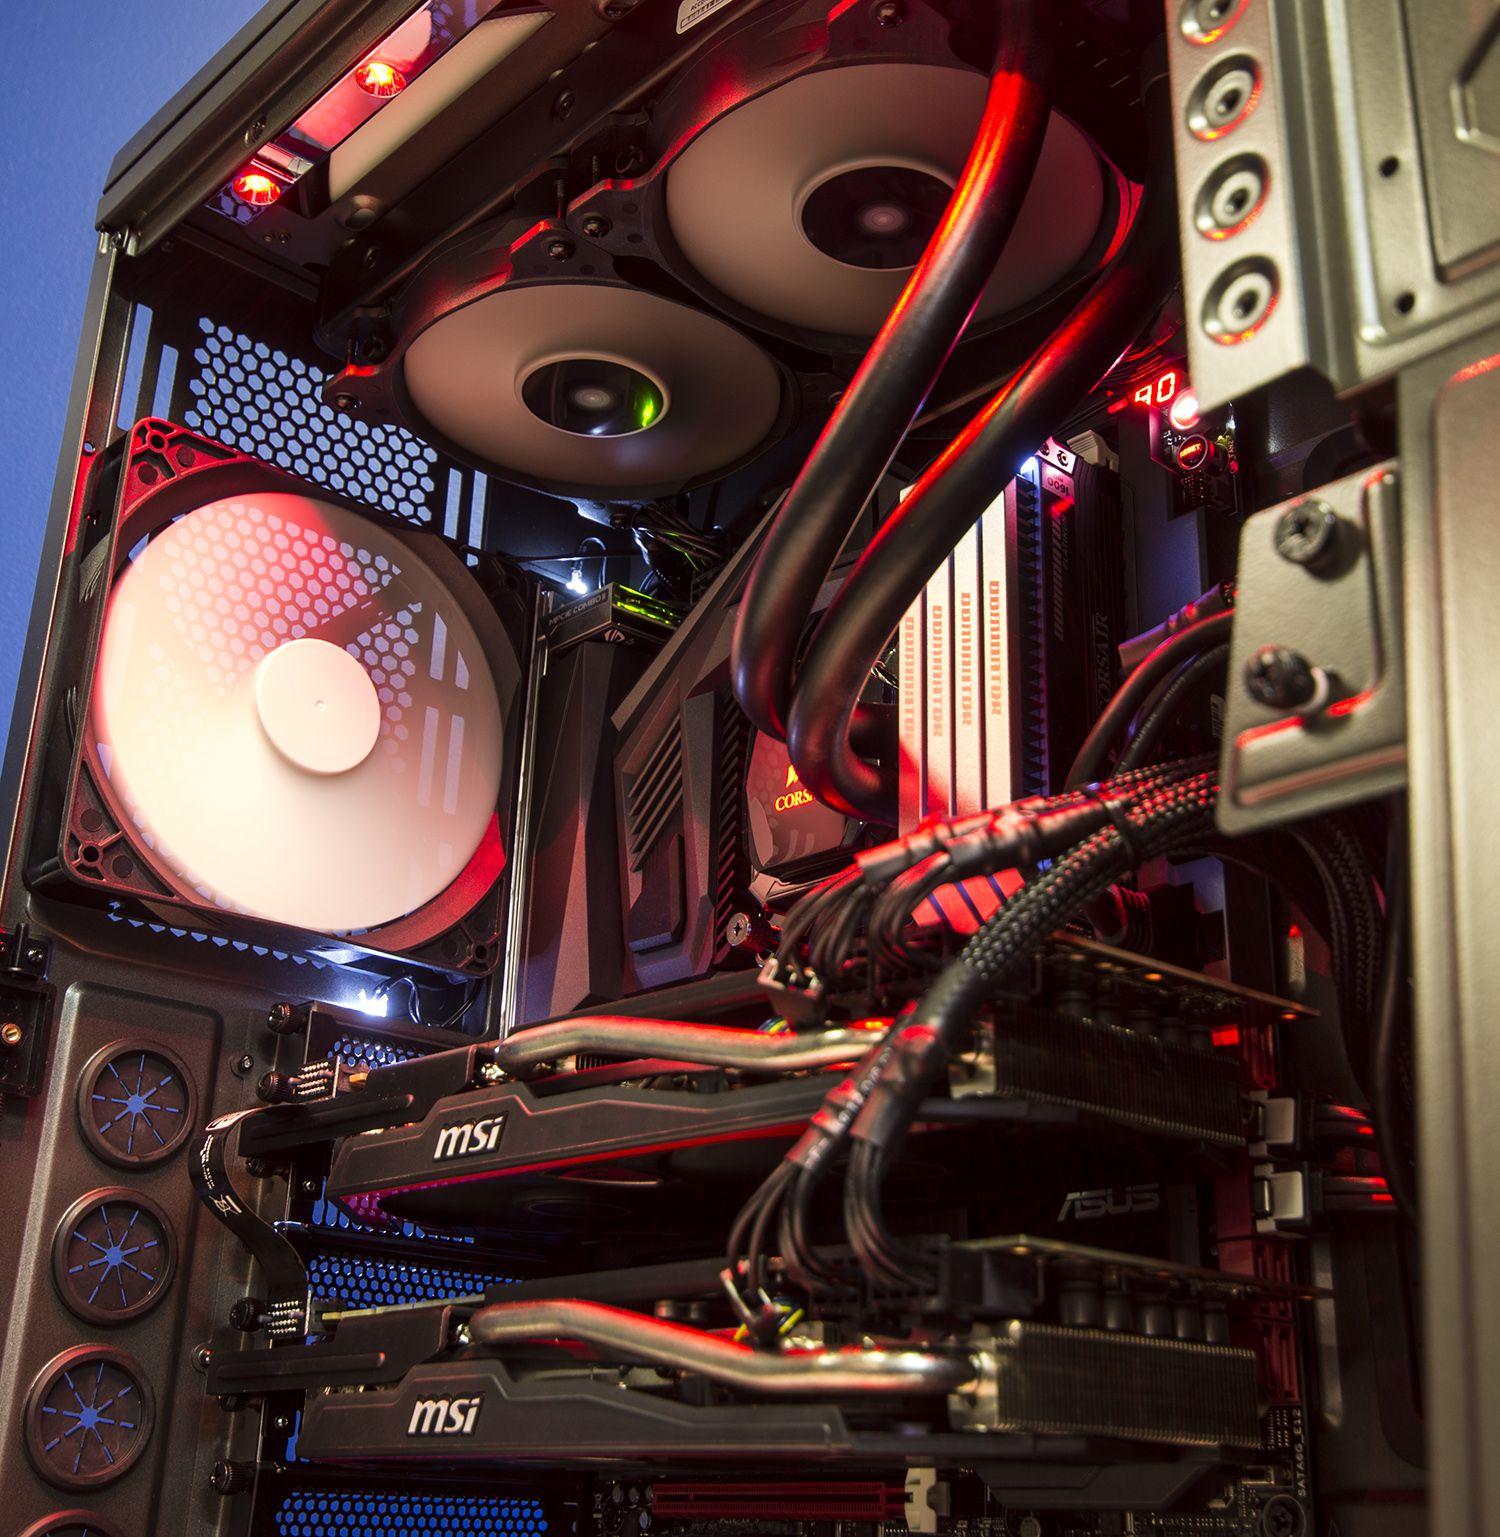 Plans For My Pc Build Pc Cases Computer Case Case